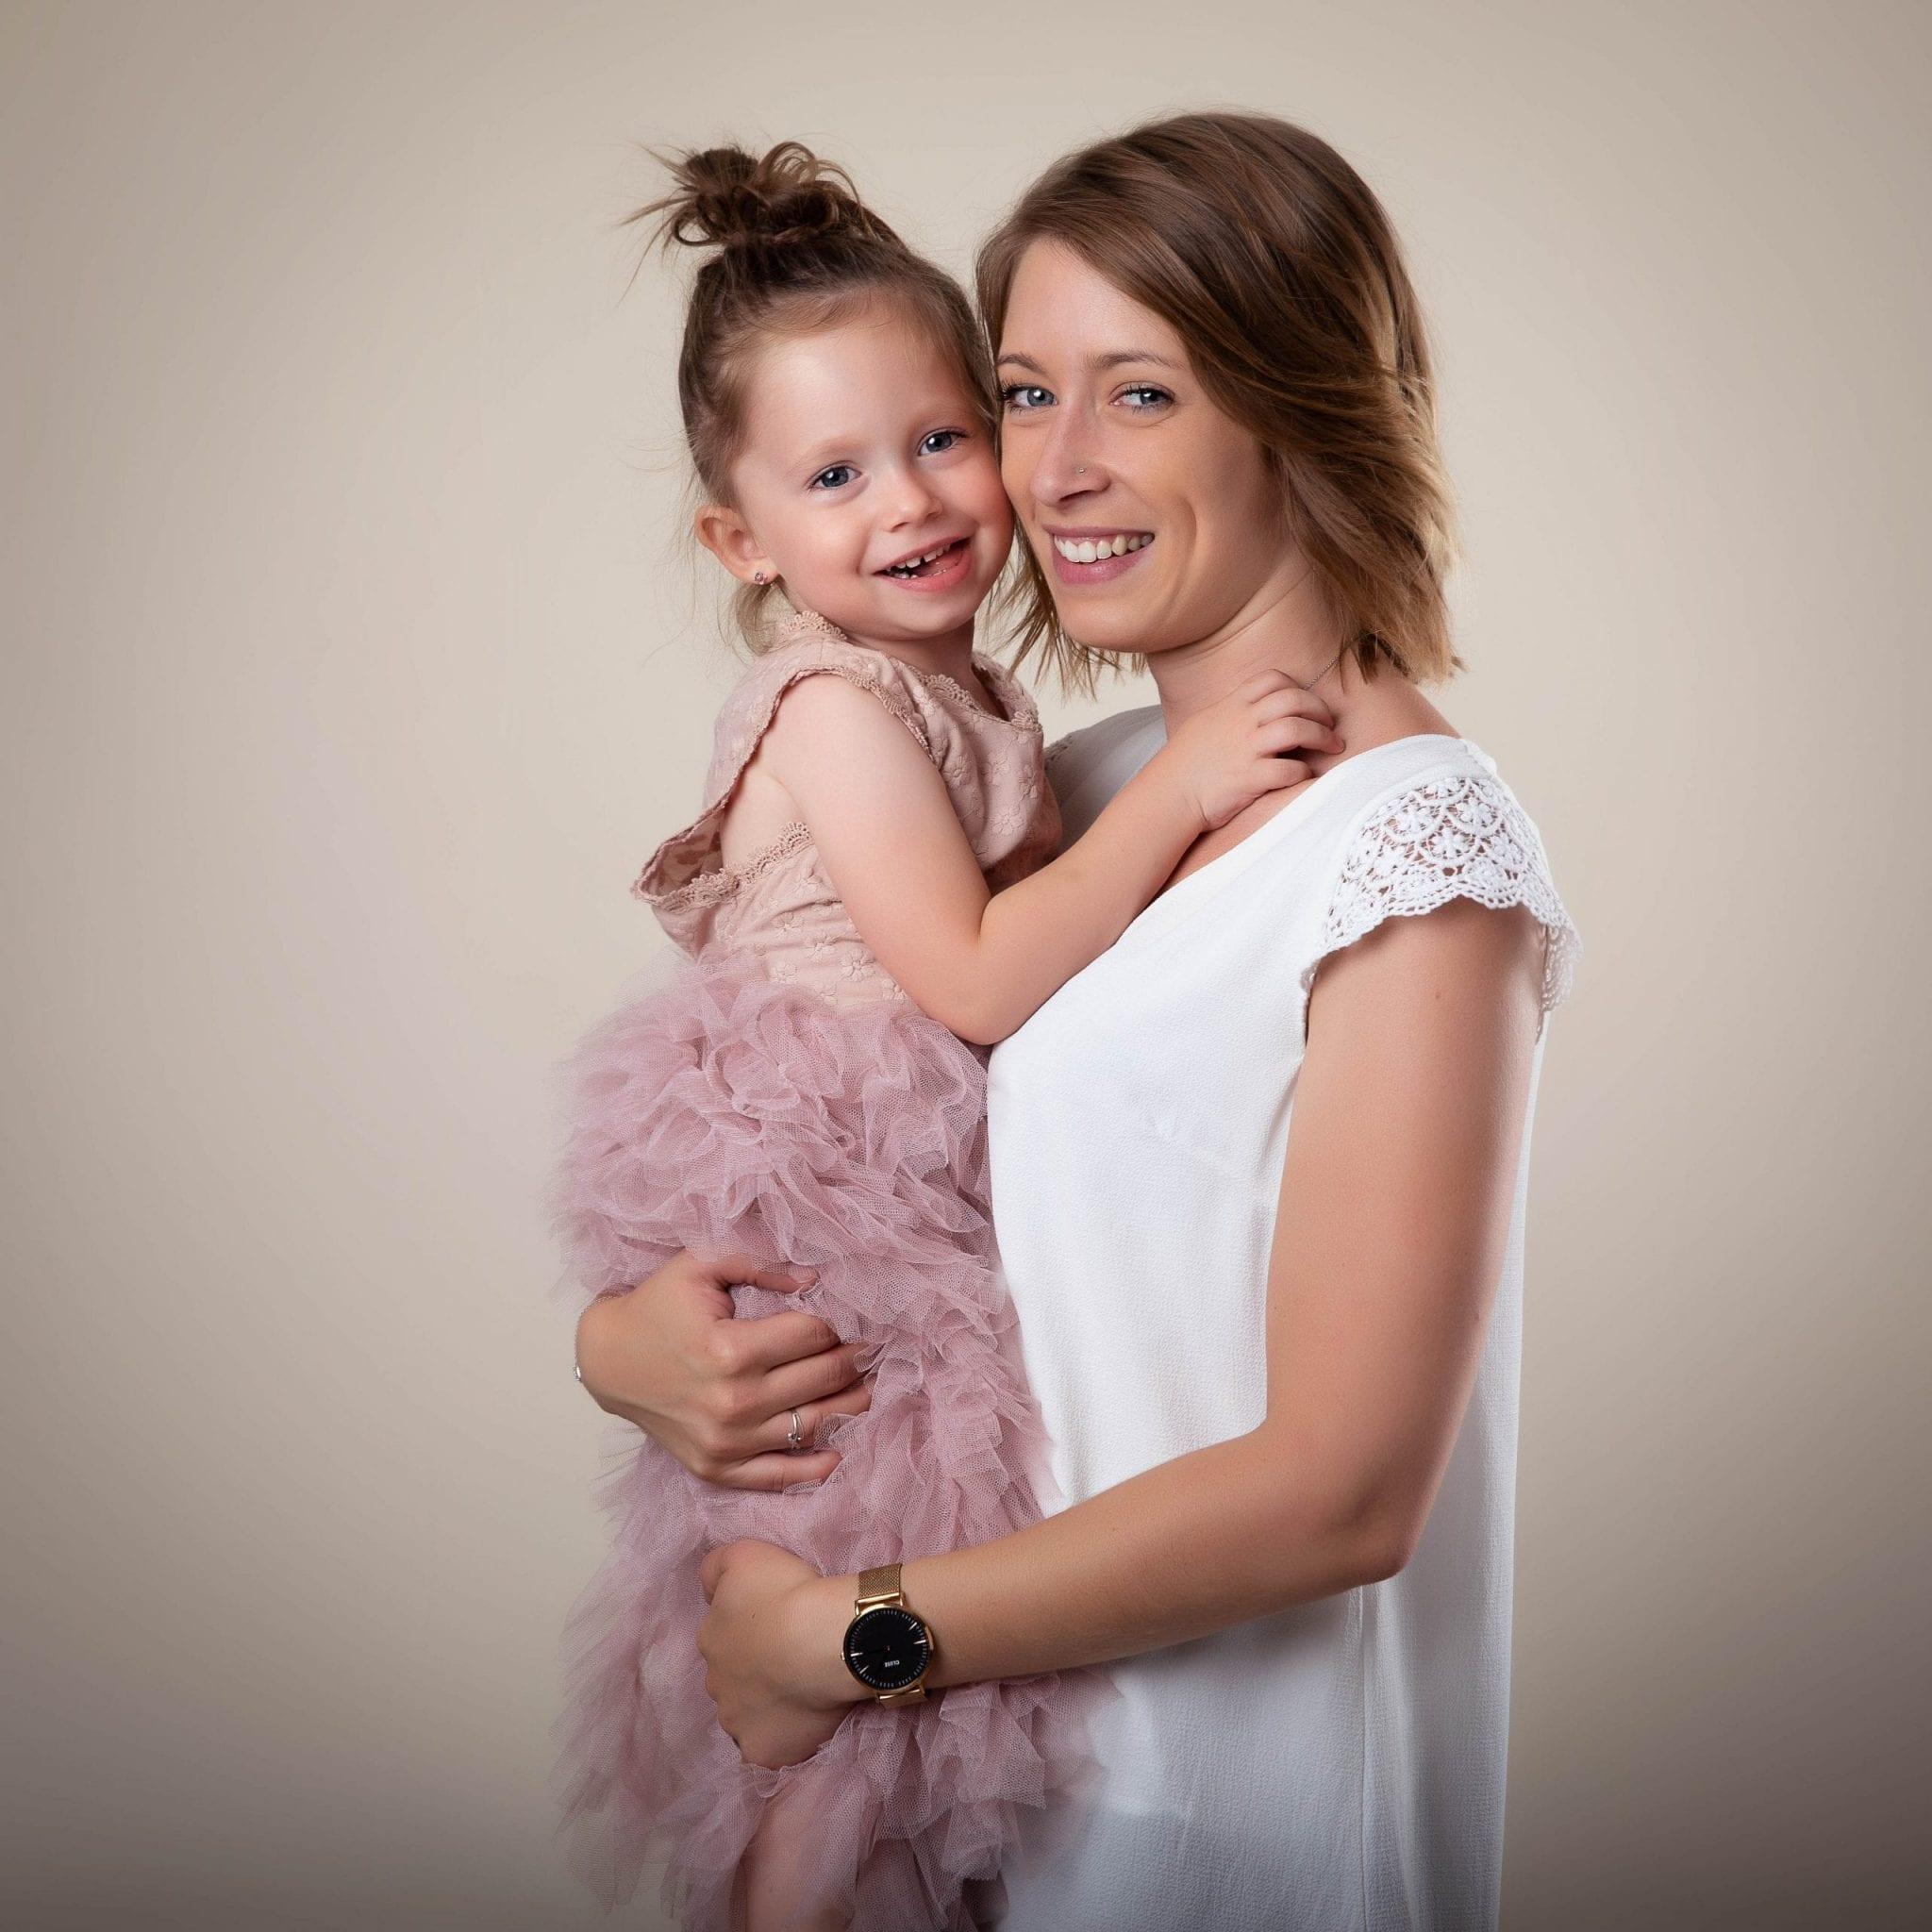 Photo de famille maman et petite fille Studio END Naucelle